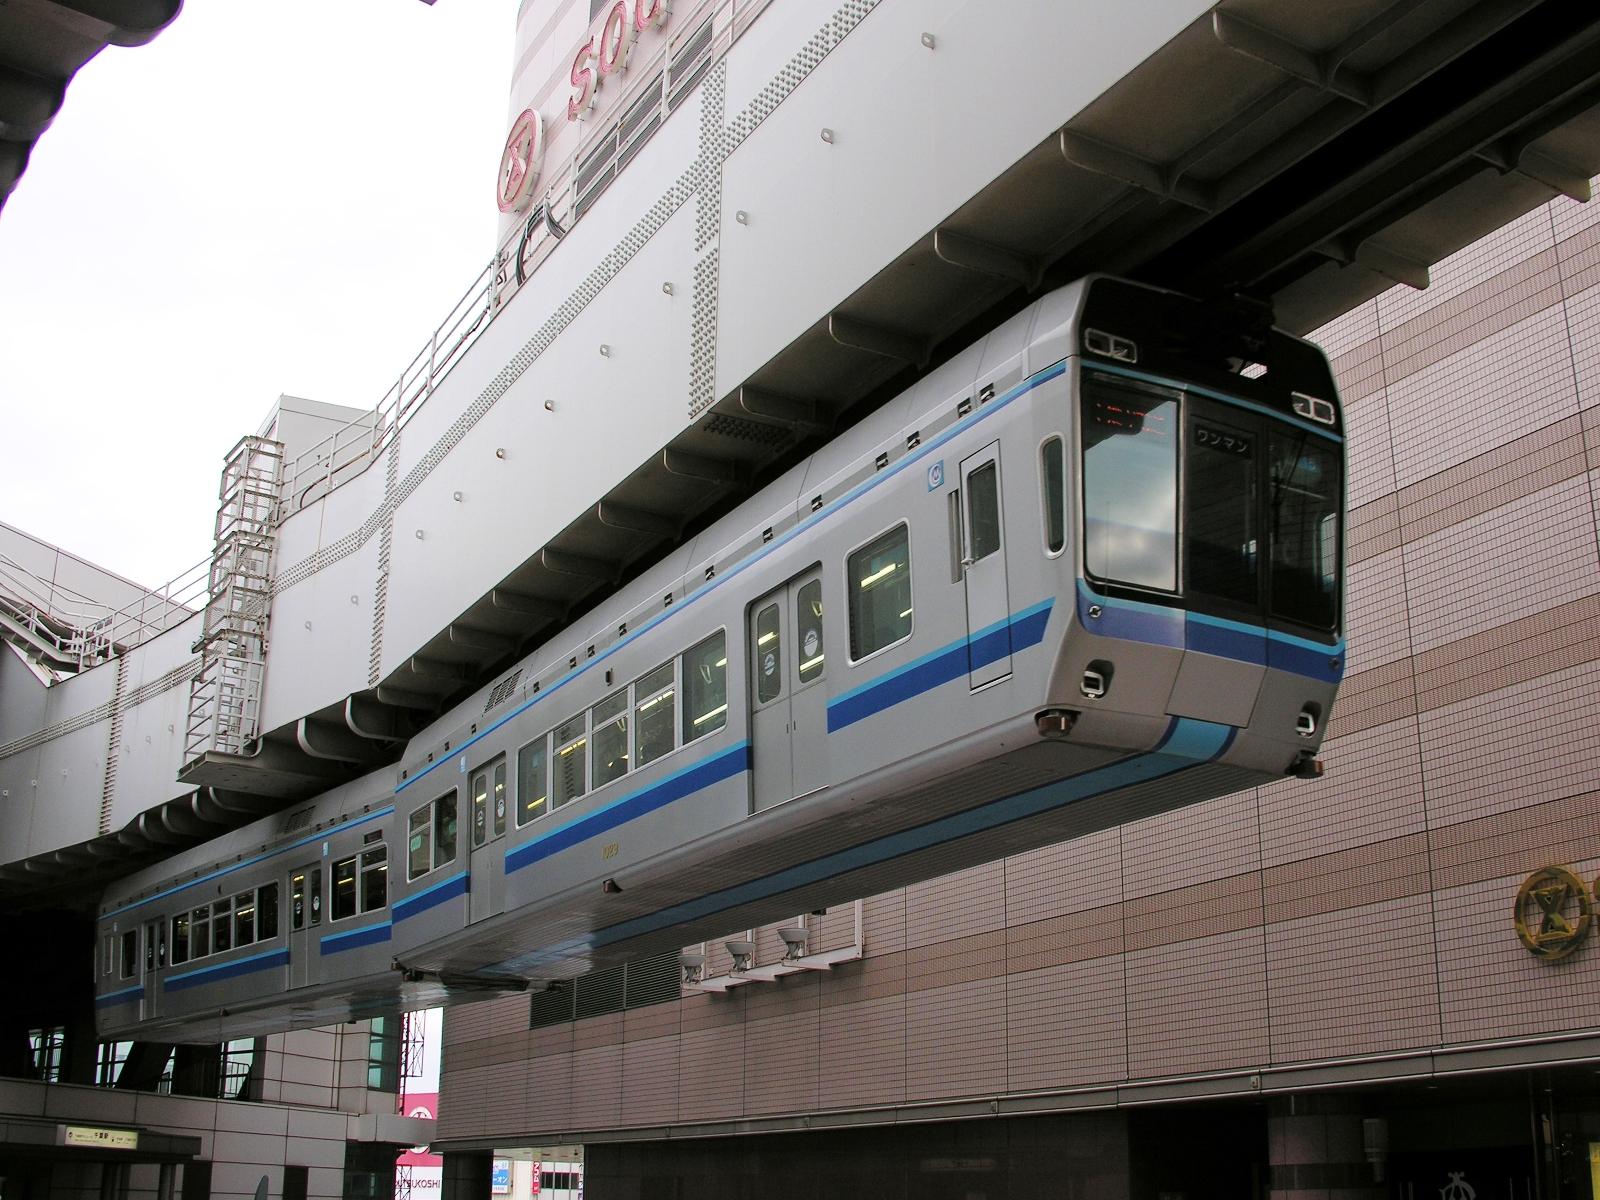 Esterno del treno